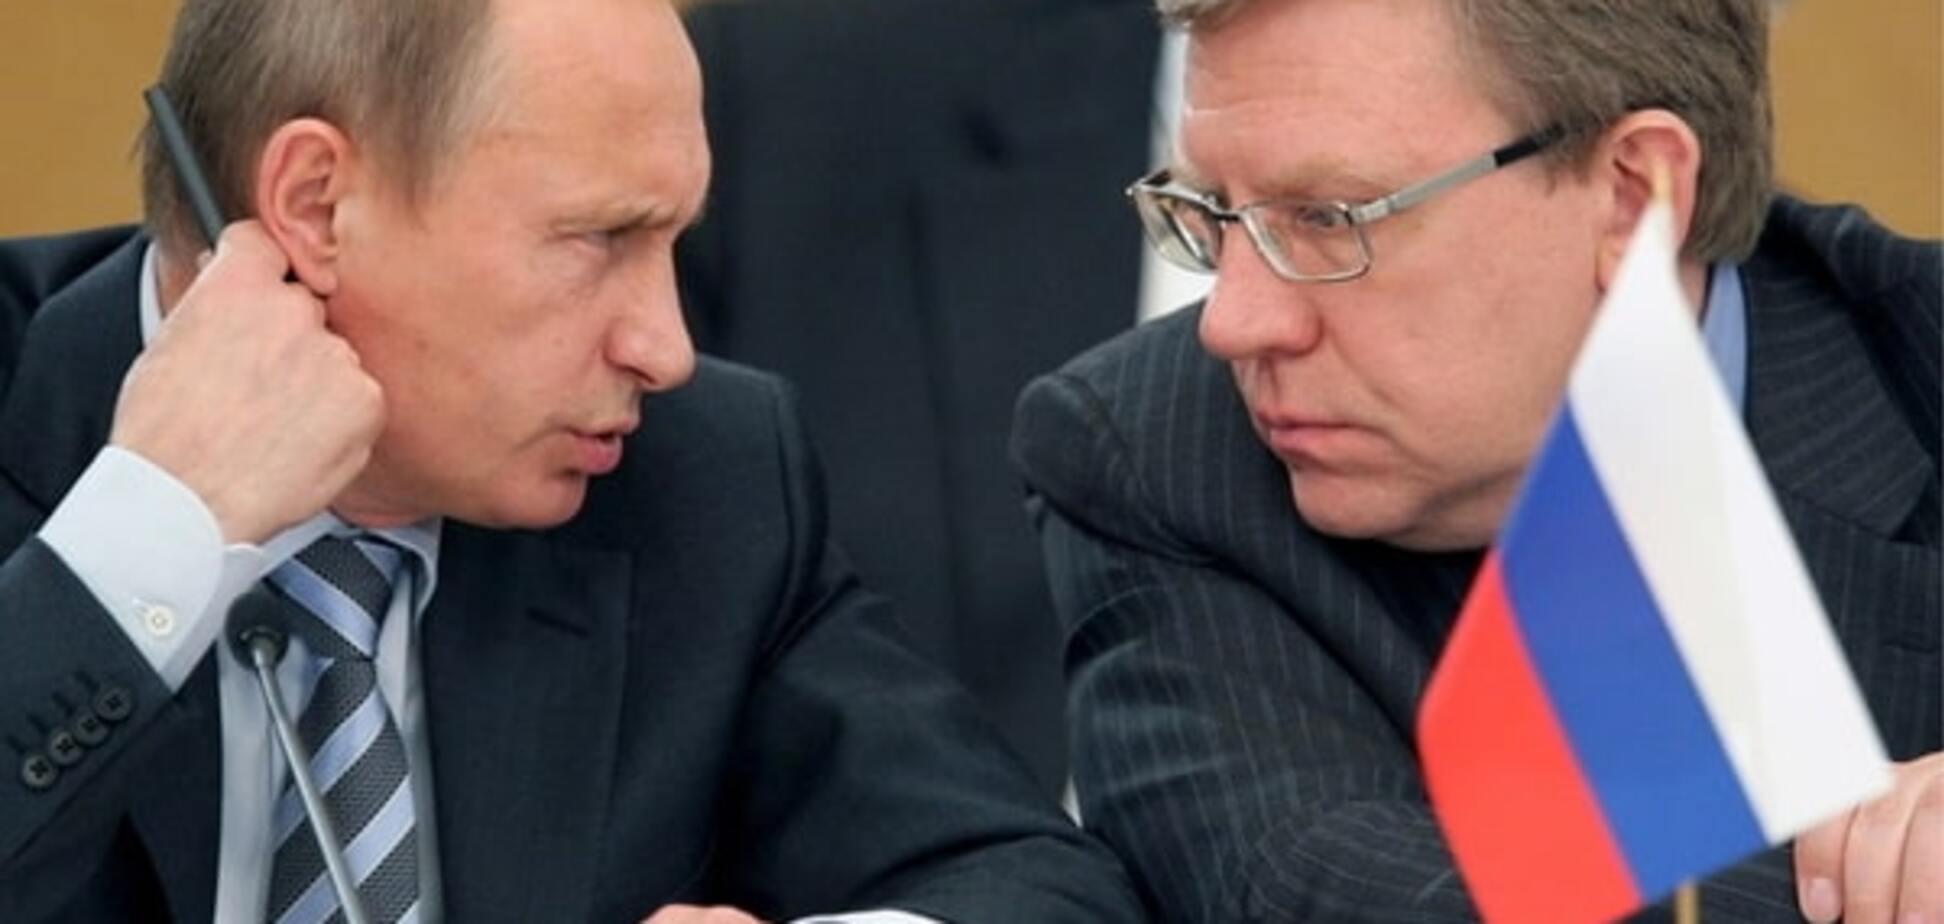 У Росії назвали ім'я людини, яка зможе повернути Крим і вивести війська з України